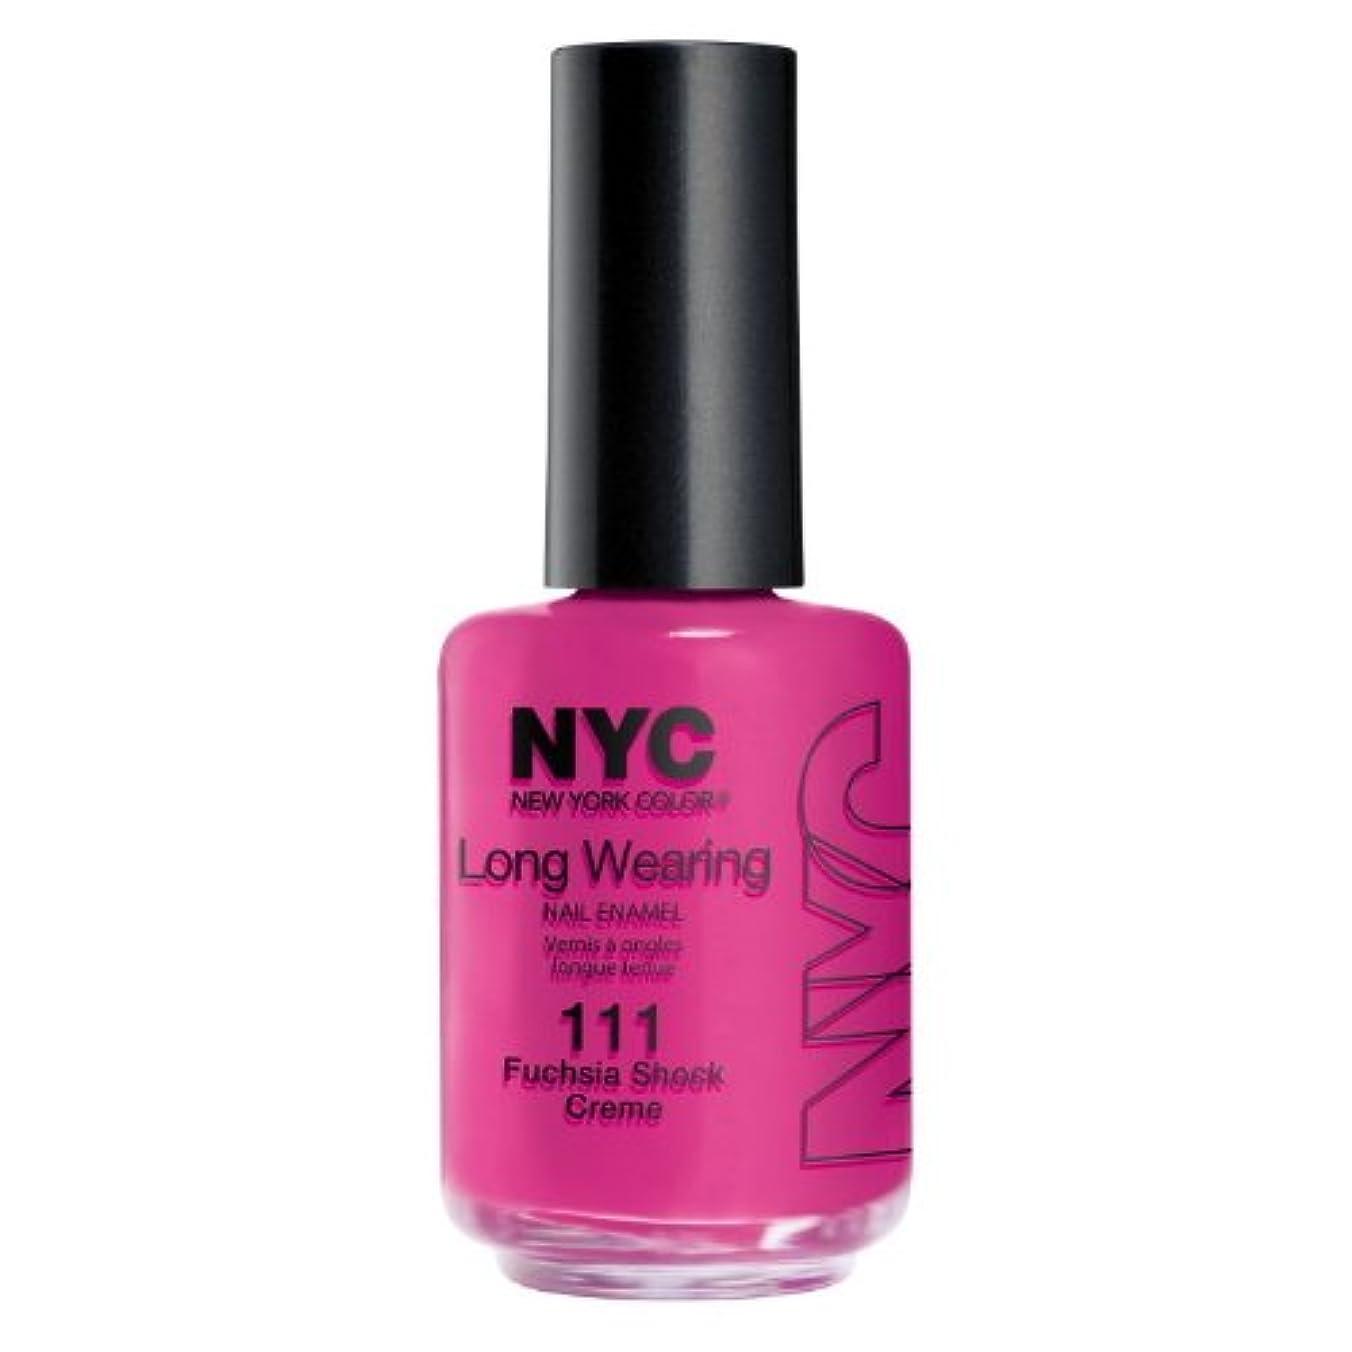 高度な昆虫大佐(3 Pack) NYC Long Wearing Nail Enamel - Fuchisia Shock Creme (並行輸入品)